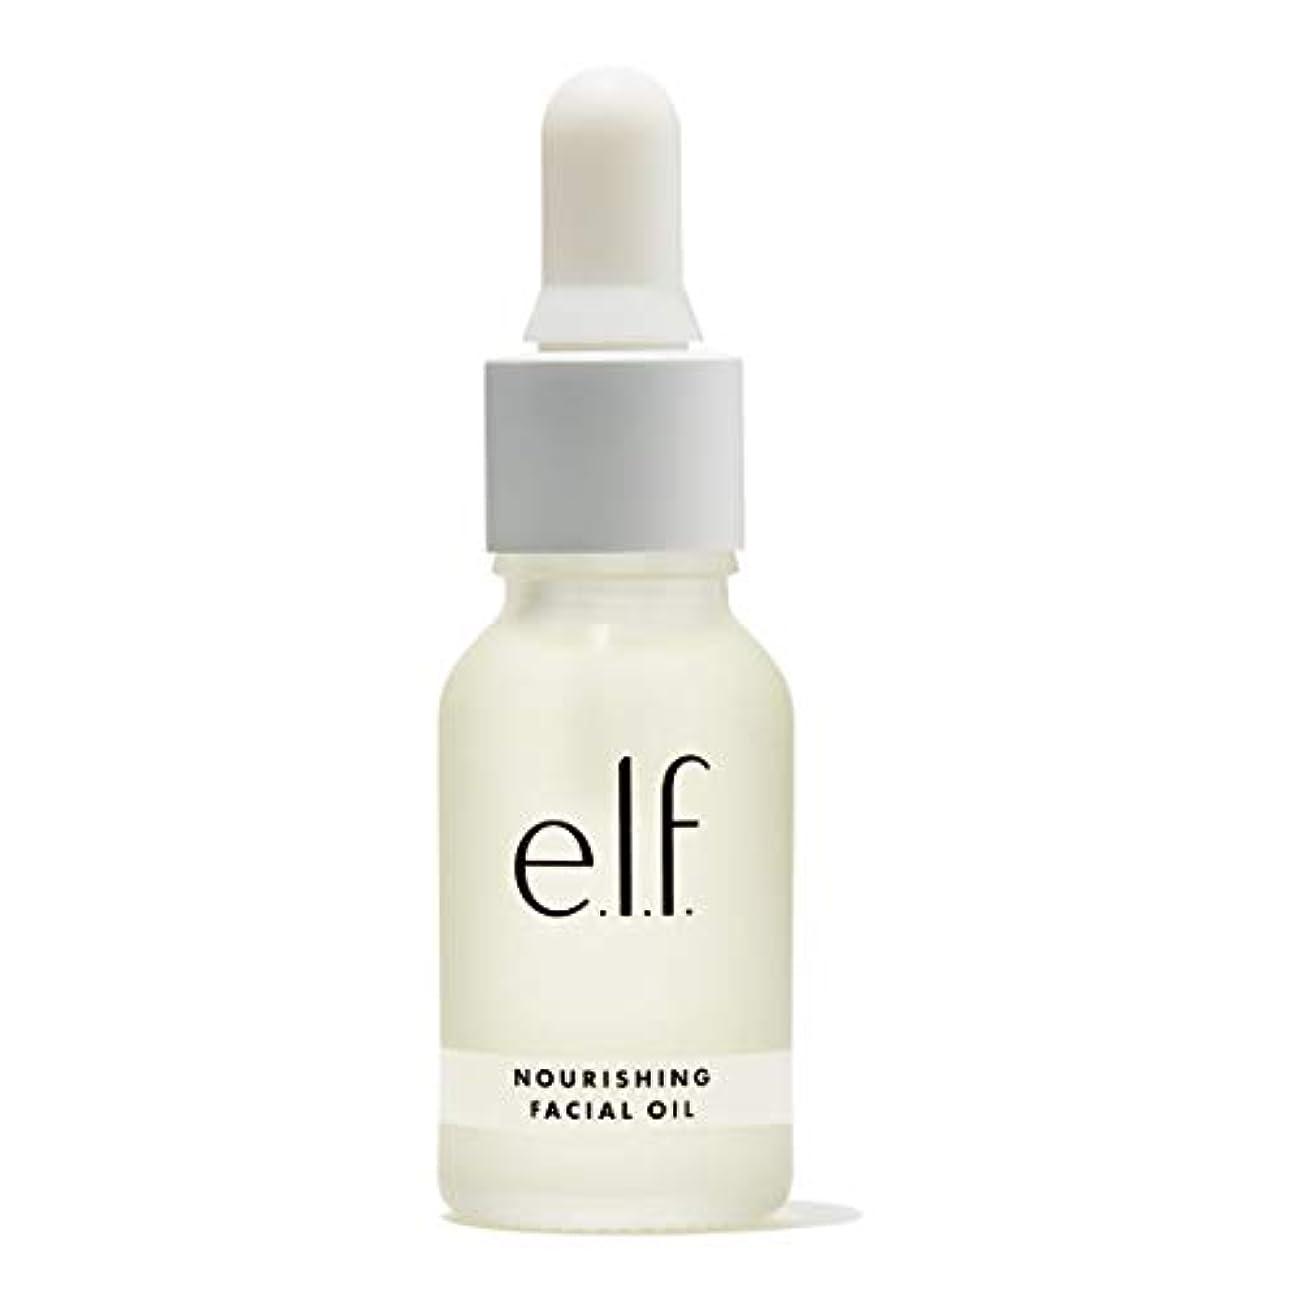 小道パンツストライド(3 Pack) e.l.f. Nourishing Facial Oil (並行輸入品)